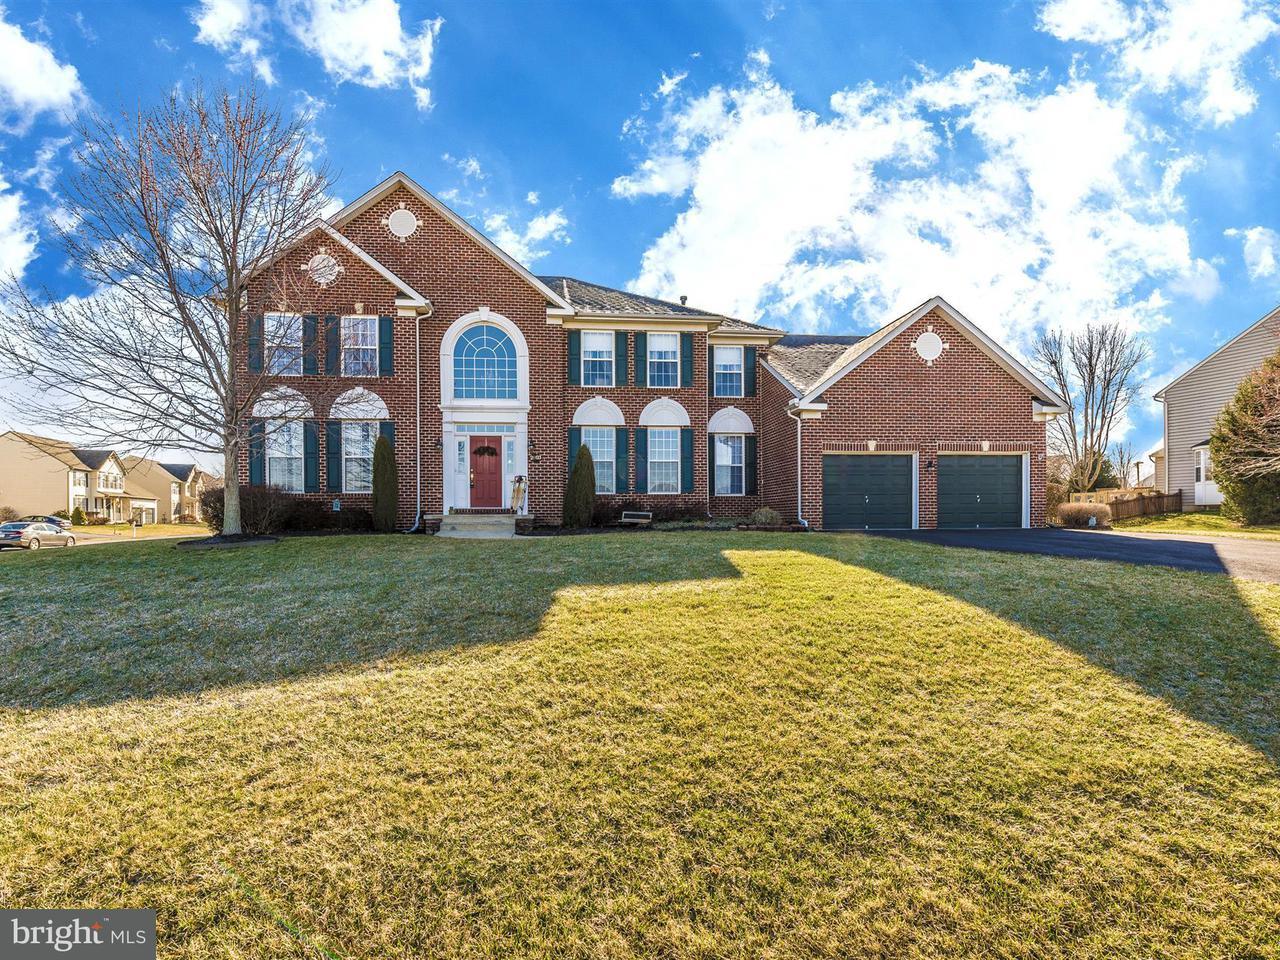 Частный односемейный дом для того Продажа на 2803 DECATUR Drive 2803 DECATUR Drive Adamstown, Мэриленд 21710 Соединенные Штаты